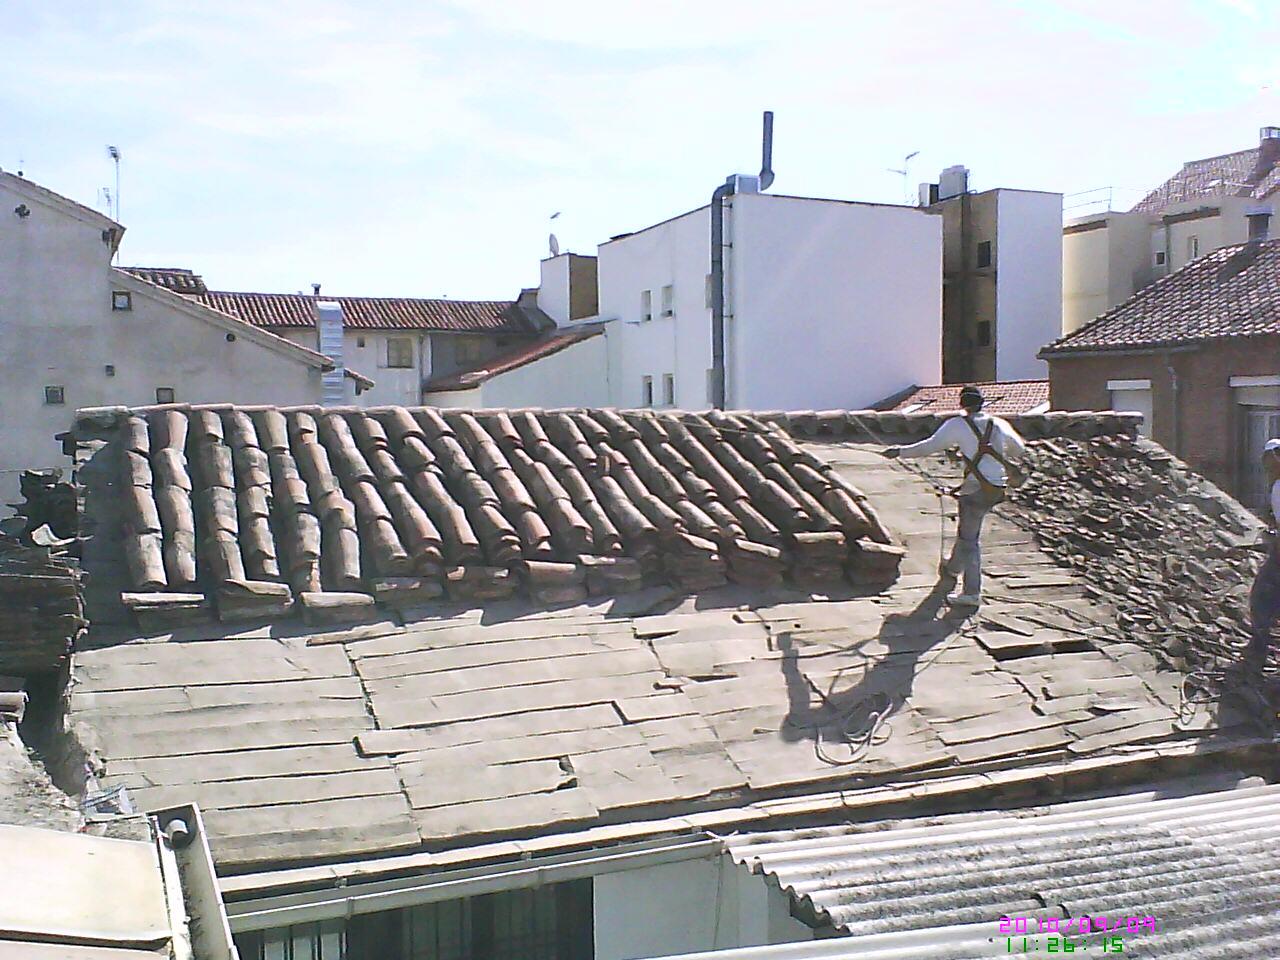 Desmontar tejado antiguo hacer tejado nuevo for Tejados de madera con tela asfaltica